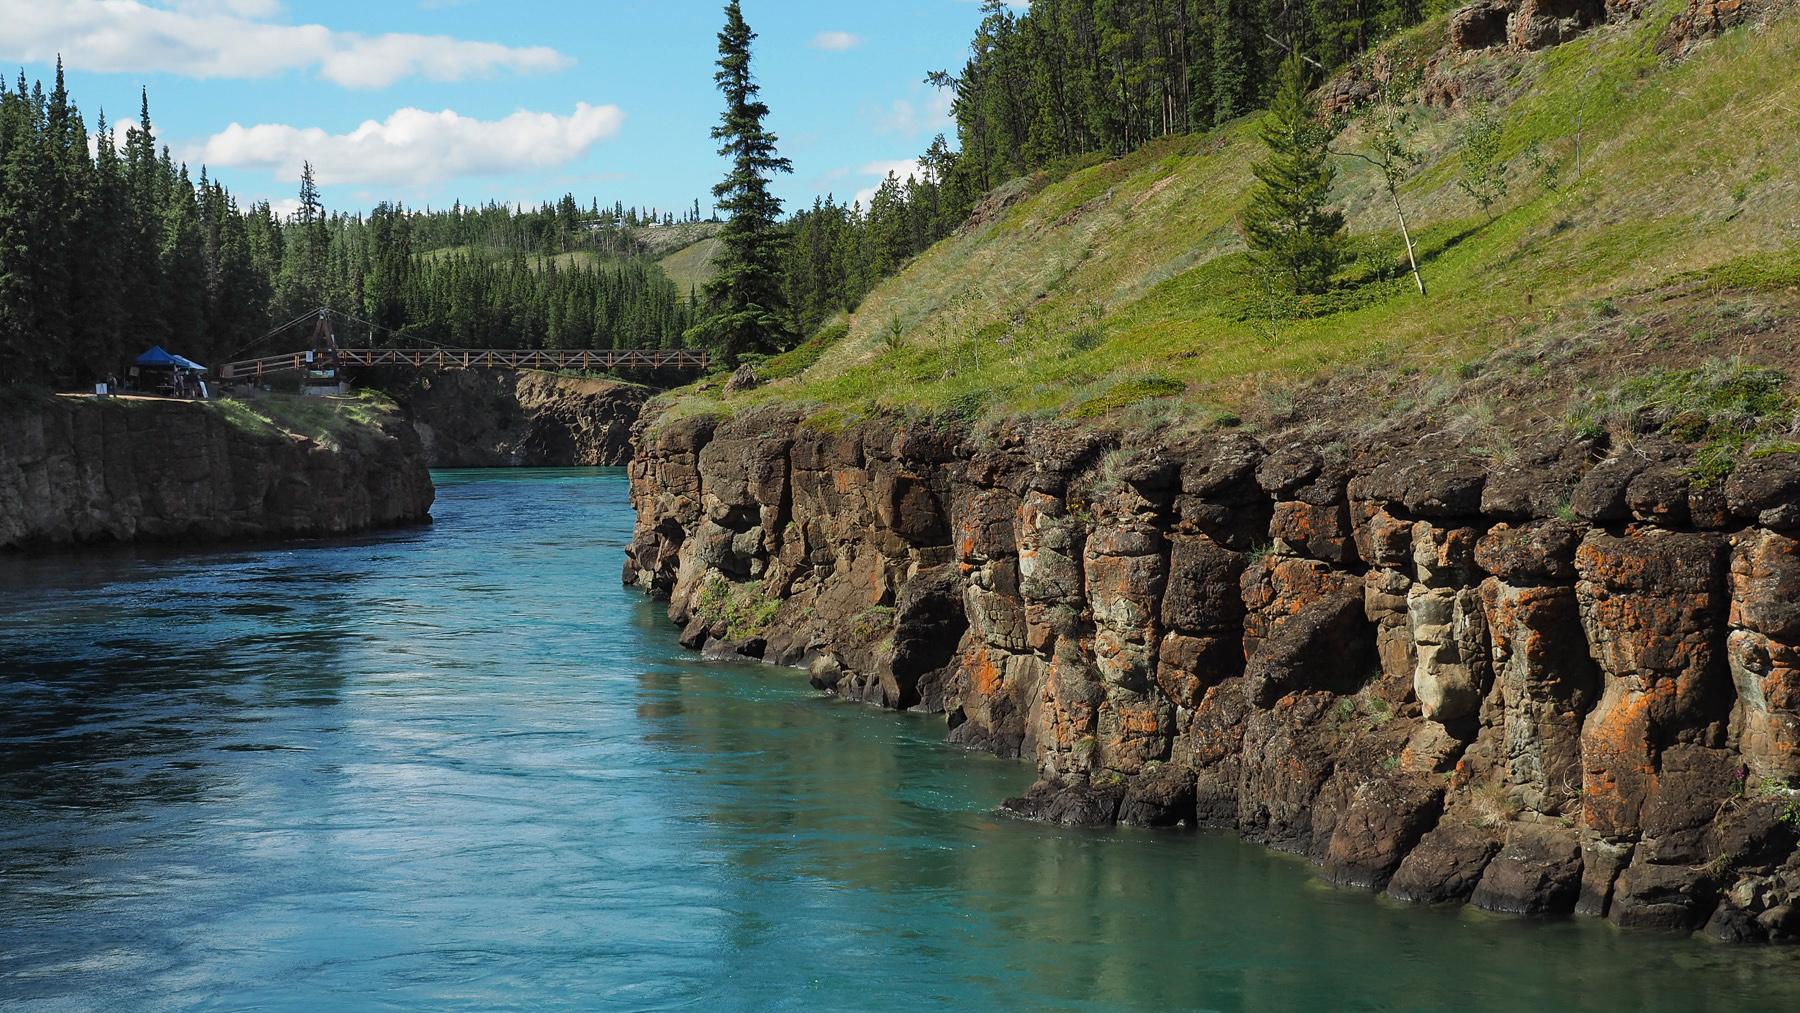 herrliches Wetter bei einer Wanderung entlang des Yukon, bei den ehemaligen white rapids